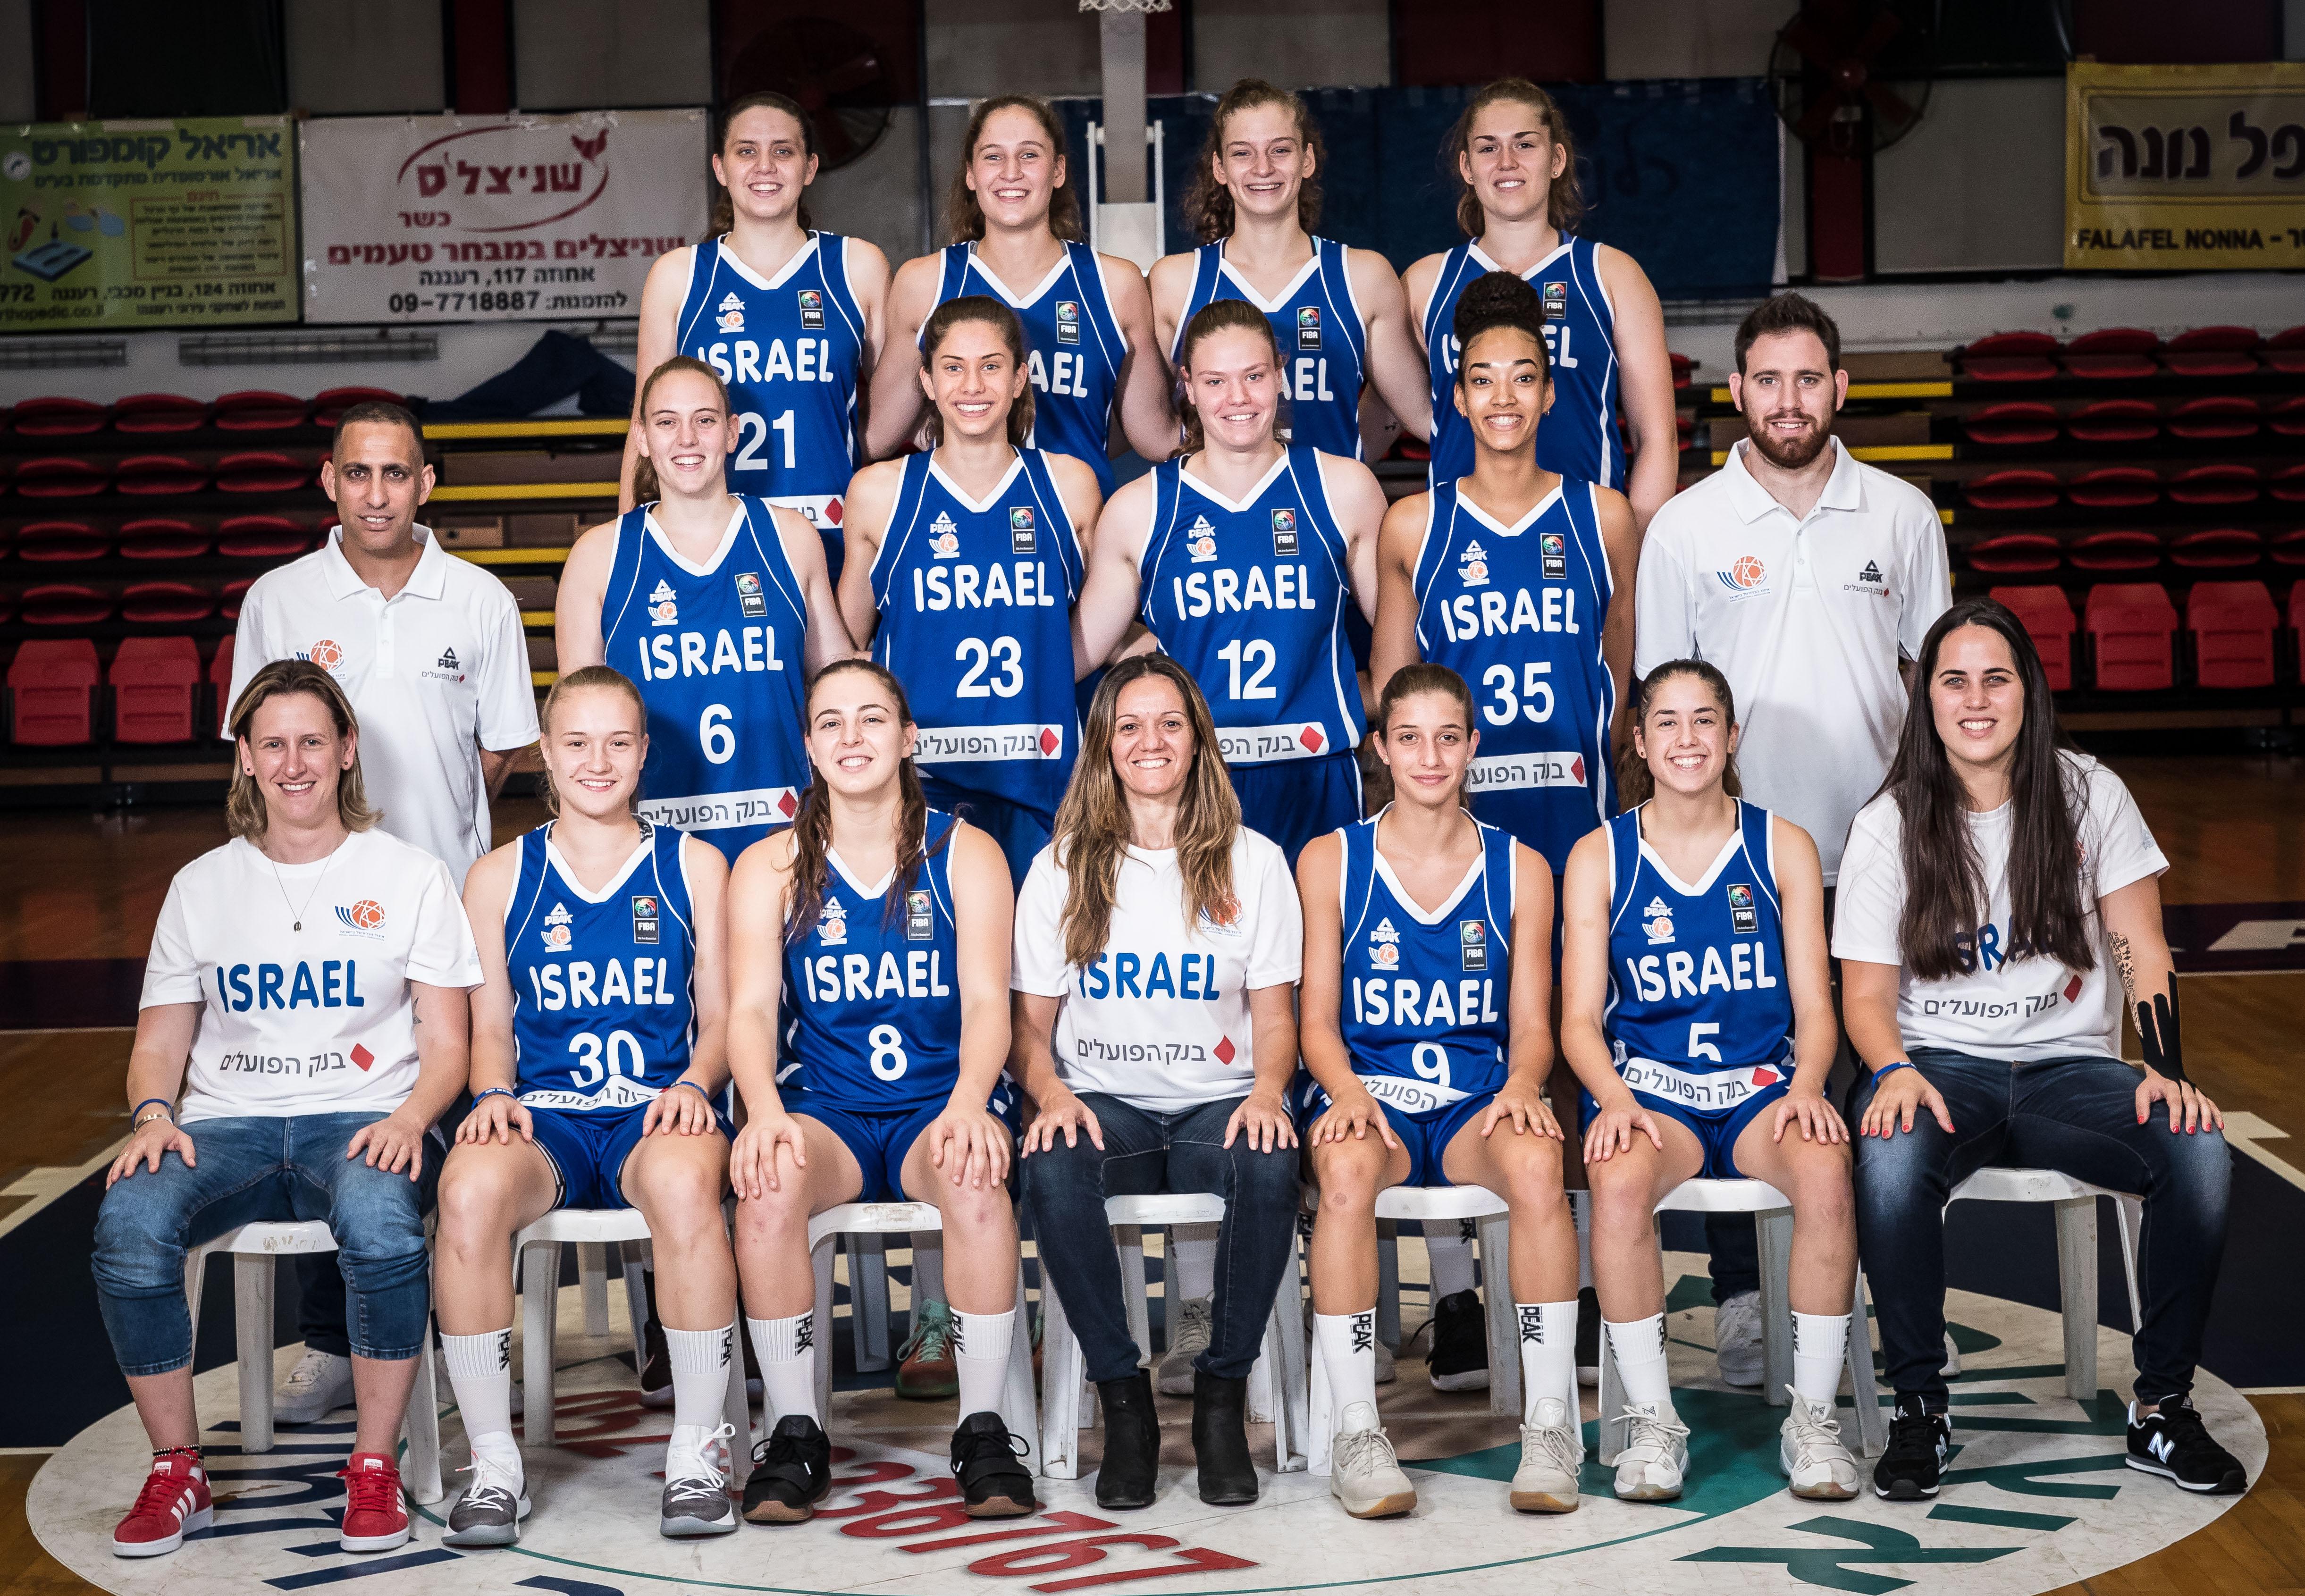 נבחרת הנערות יוצאת לאליפות אירופה. המאמן רועי לזר: יוצאים עם הרבה ביטחון